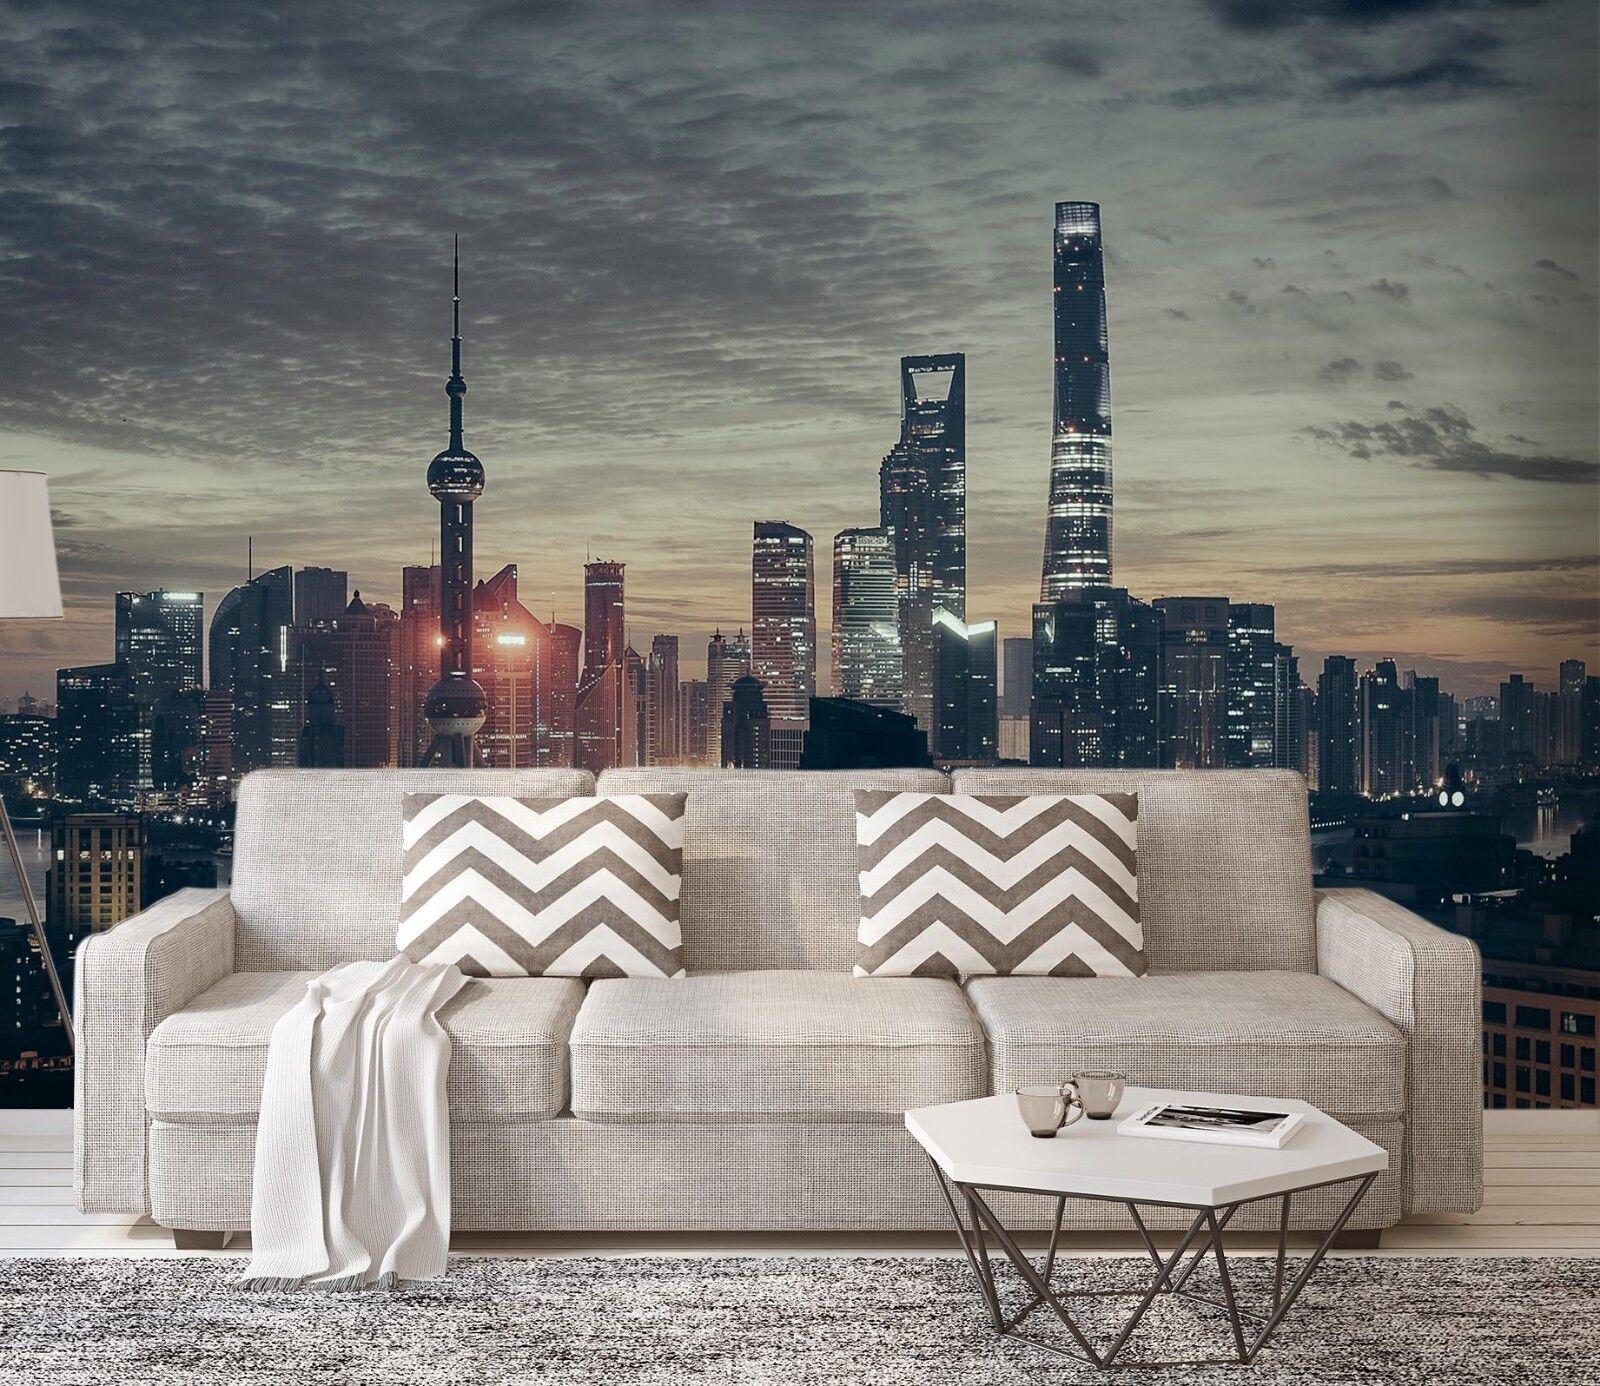 3D City Night Scene 976 Wallpaper Mural Paper Wall Print Indoor Murals CA Summer